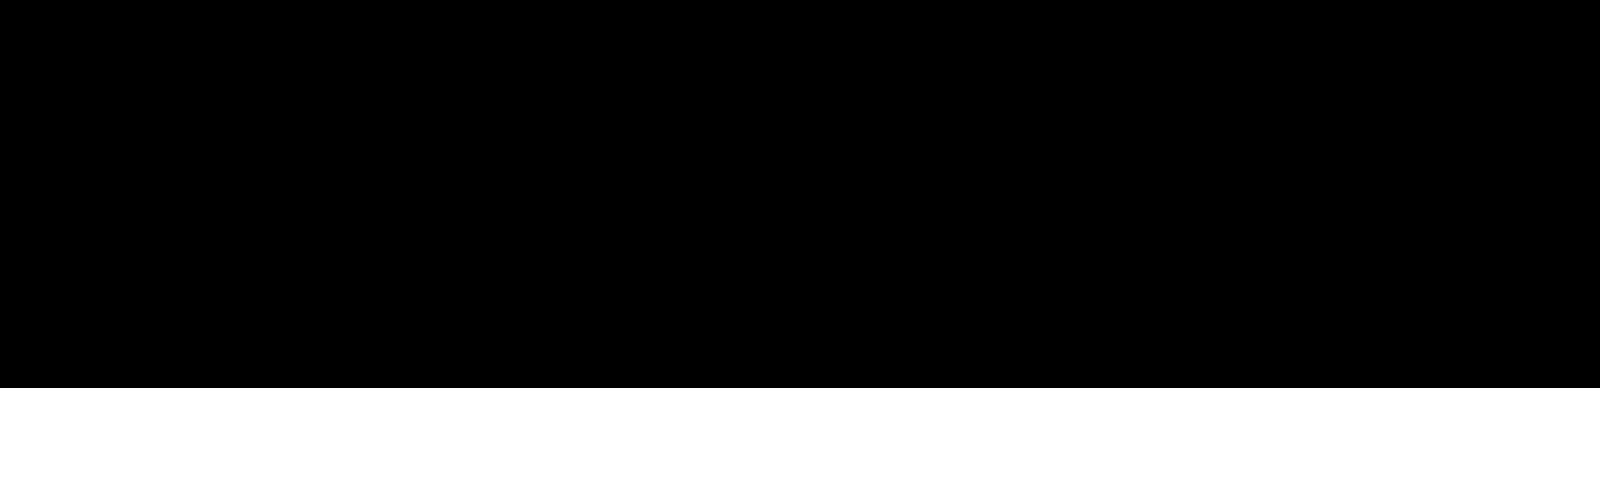 Black-Top-Fade